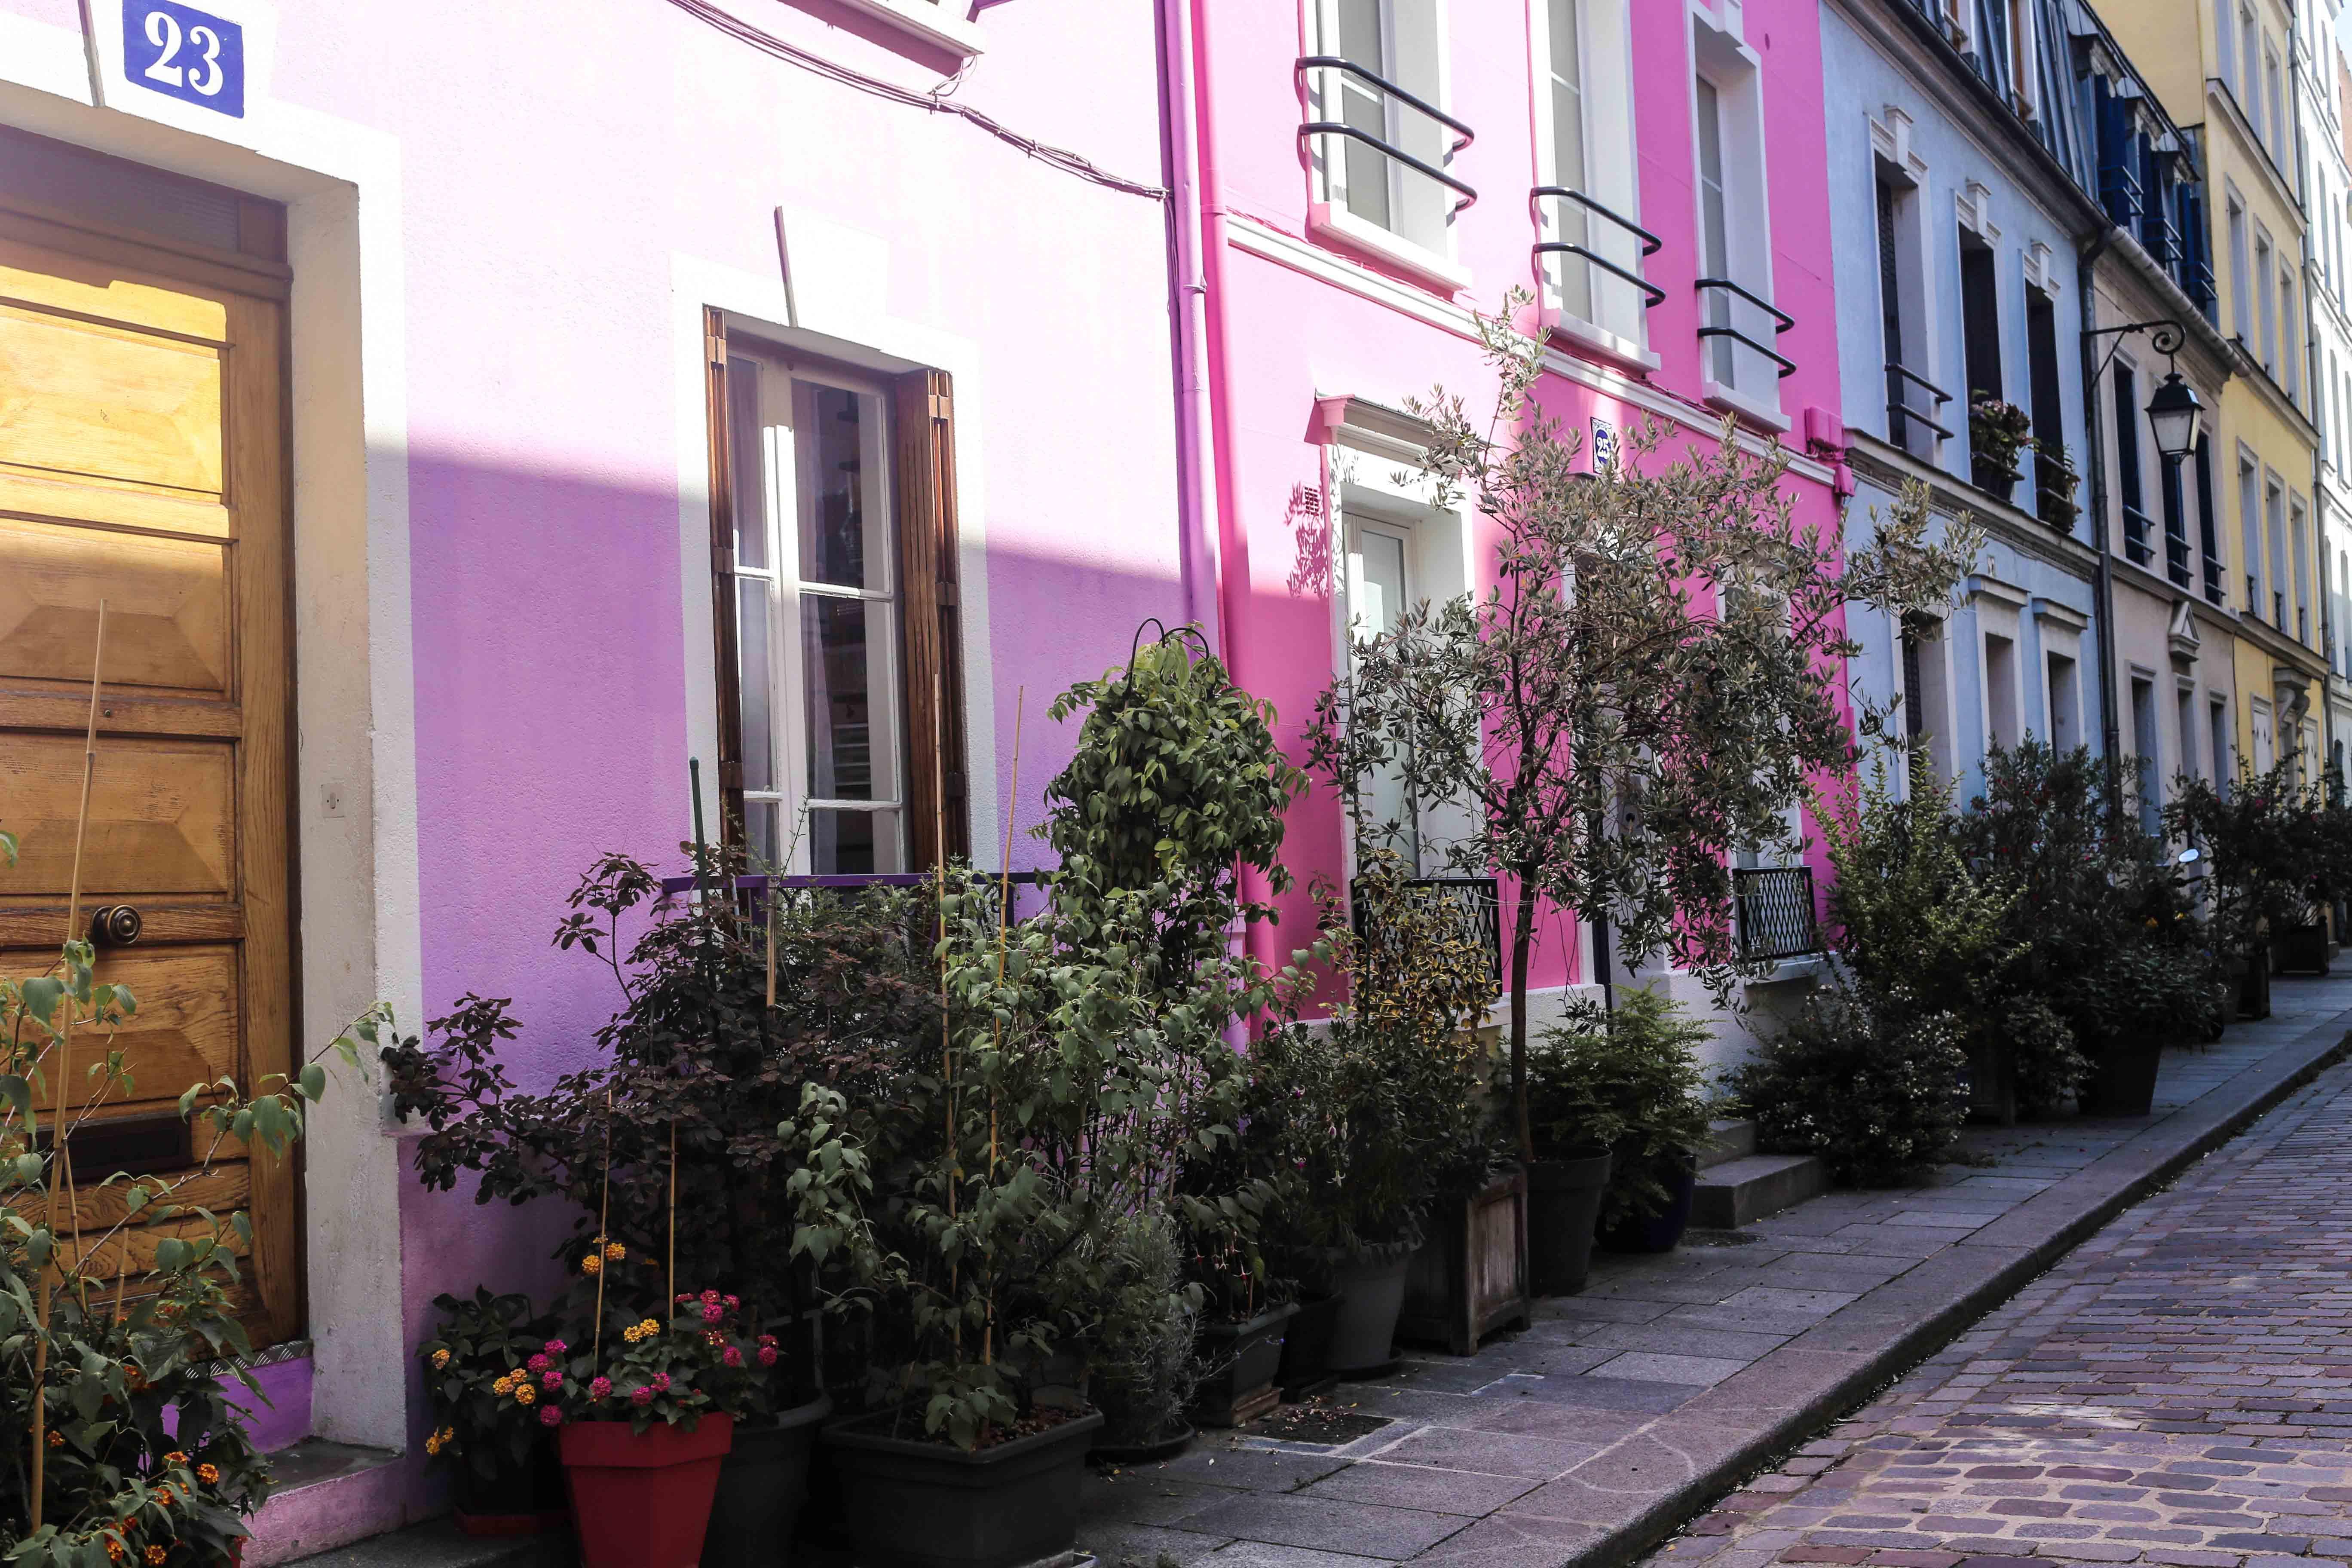 kurztrip-paris-7-tipps-stadt-der-liebe-frankreich-reiseblog-travelblog_1071